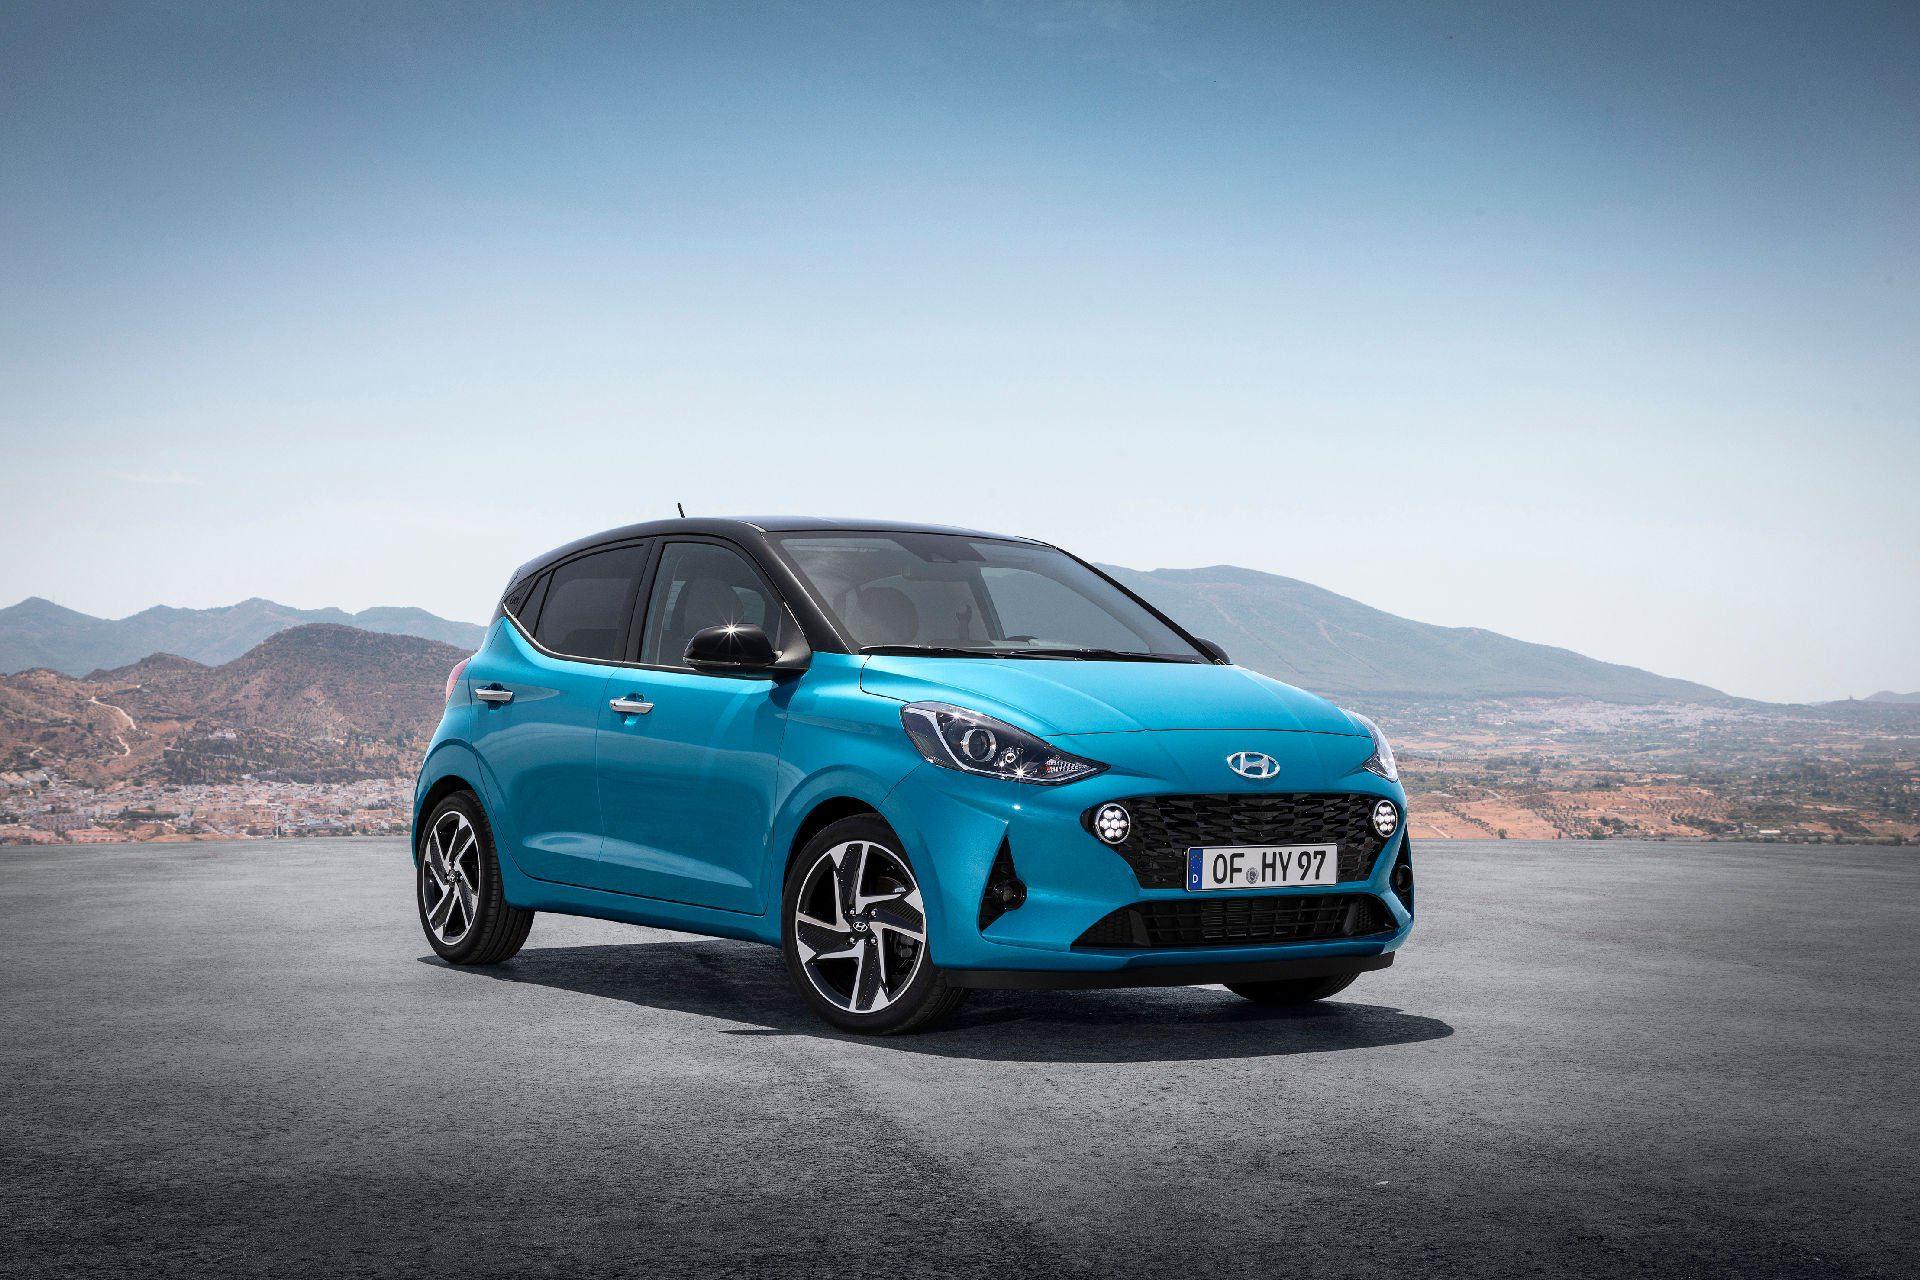 Hyundai i10 thế hệ mới sắp được ra mắt tại Frankfurt Motor Show 2019 - 8